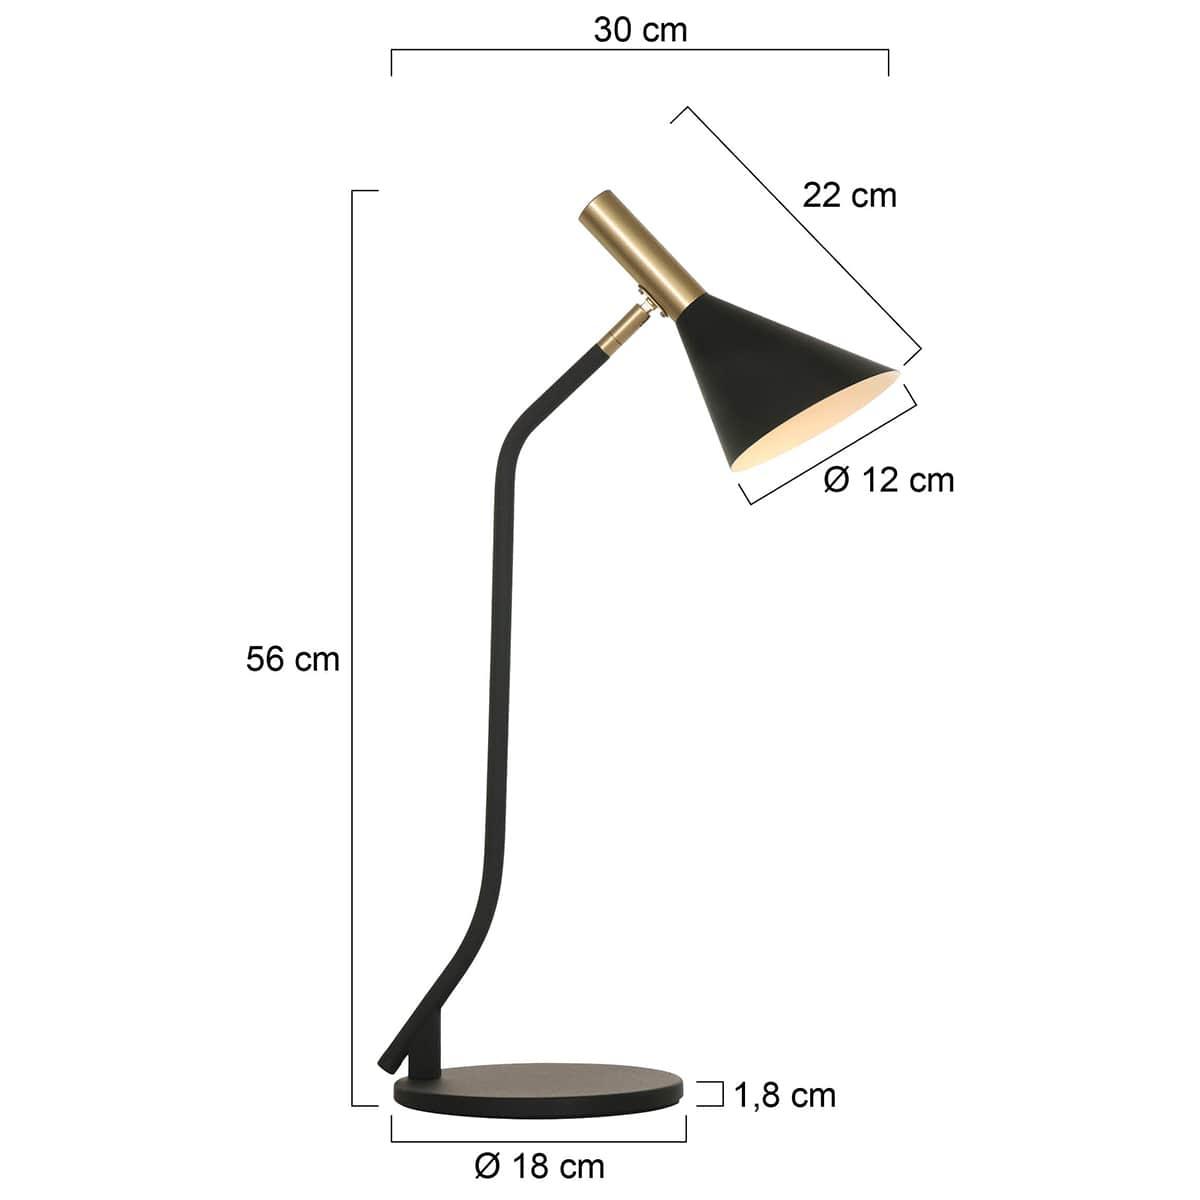 Tischlampe Mid Century Design Abmessungen